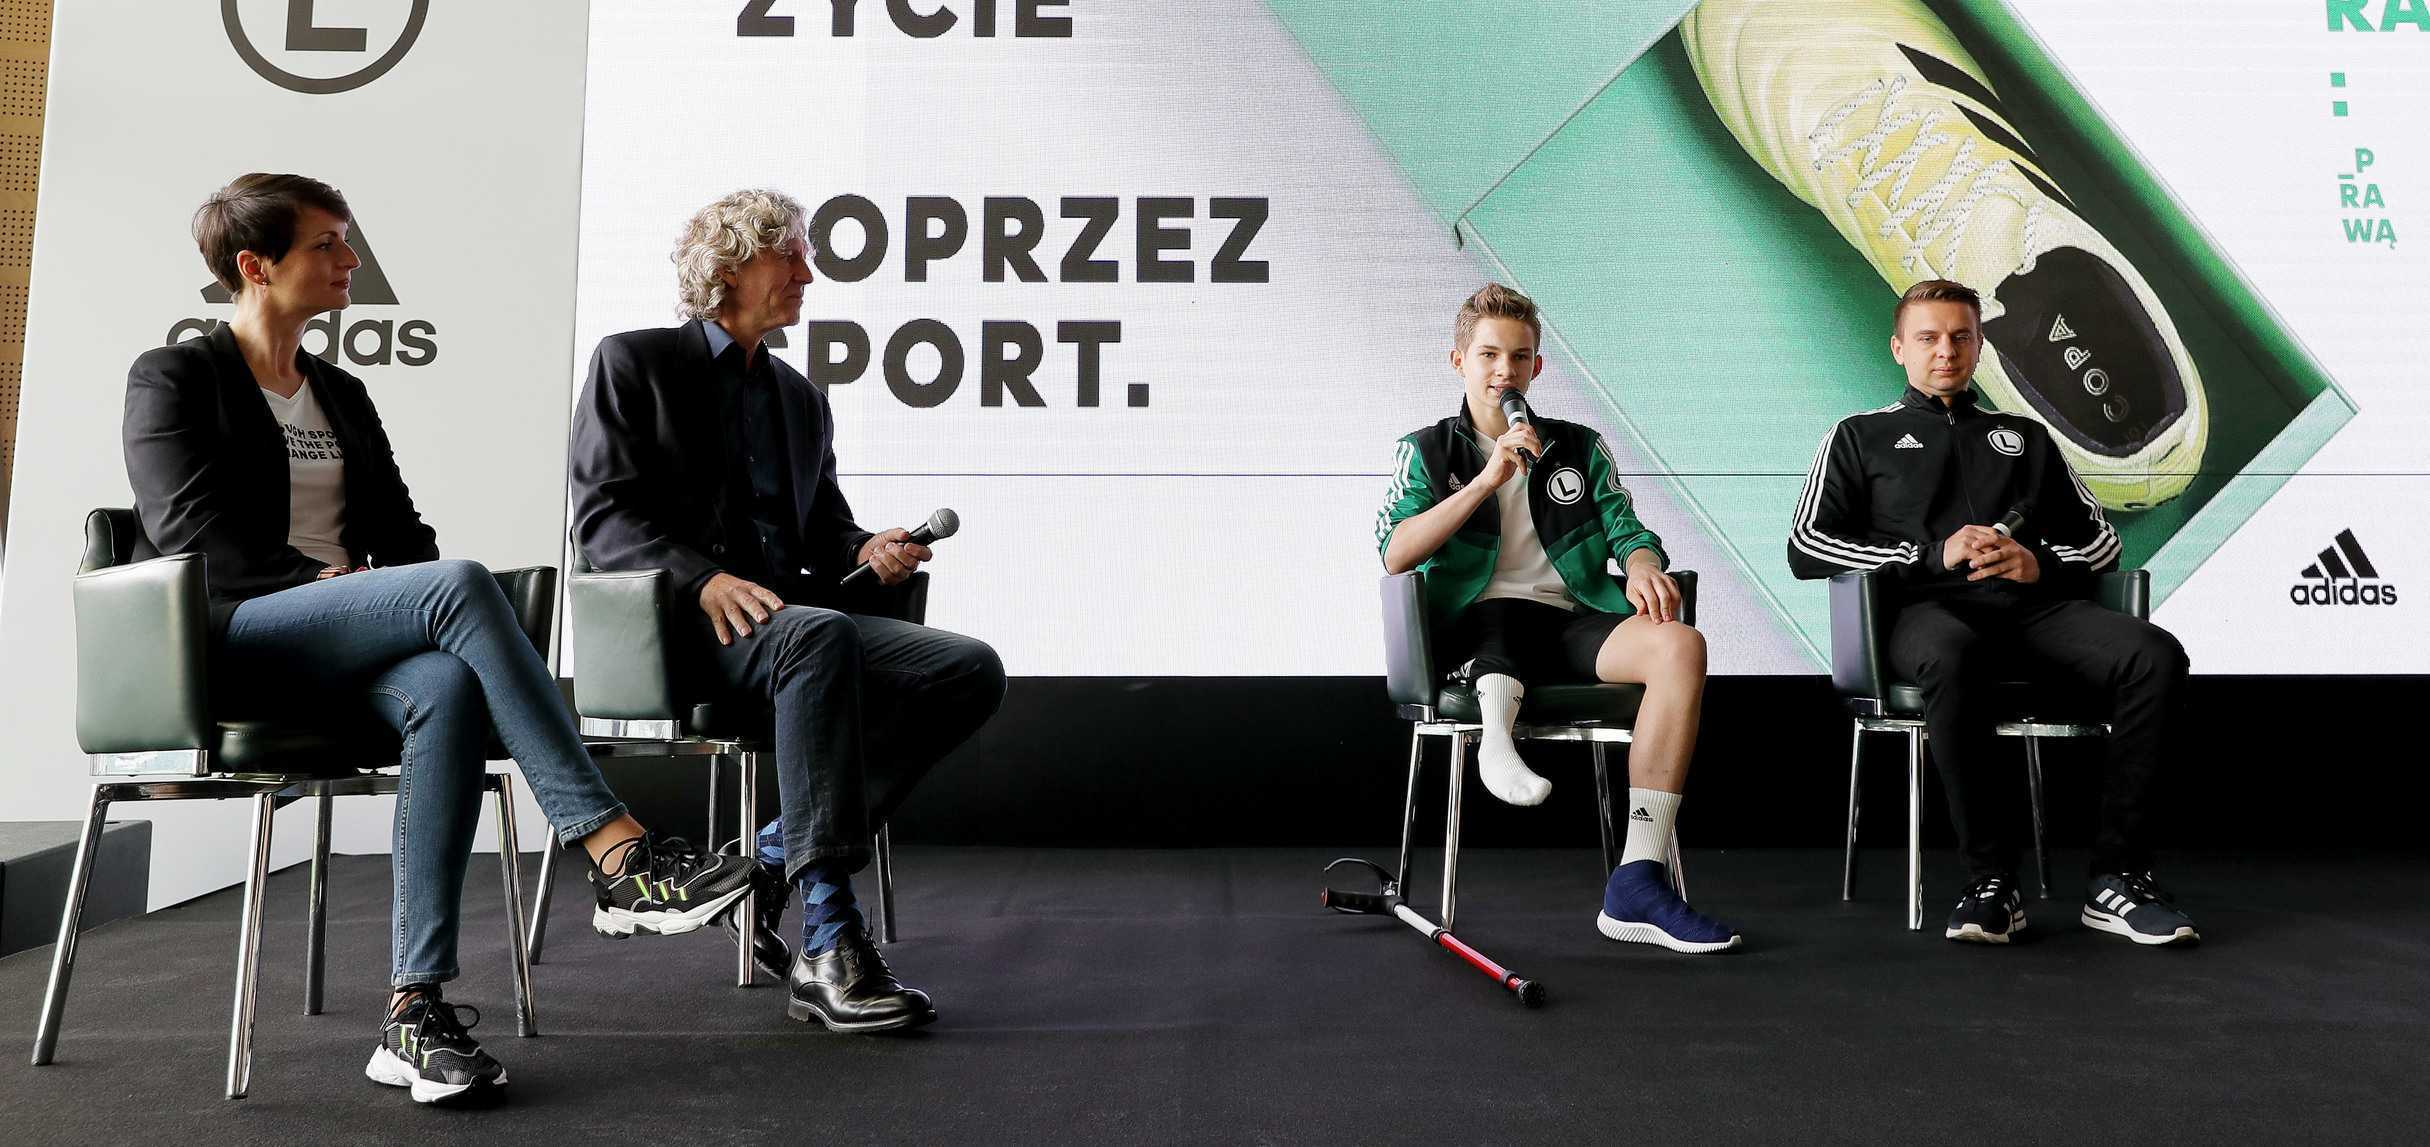 Powstała młodzieżowa sekcja Amp Futbolu Legii z adidasem!